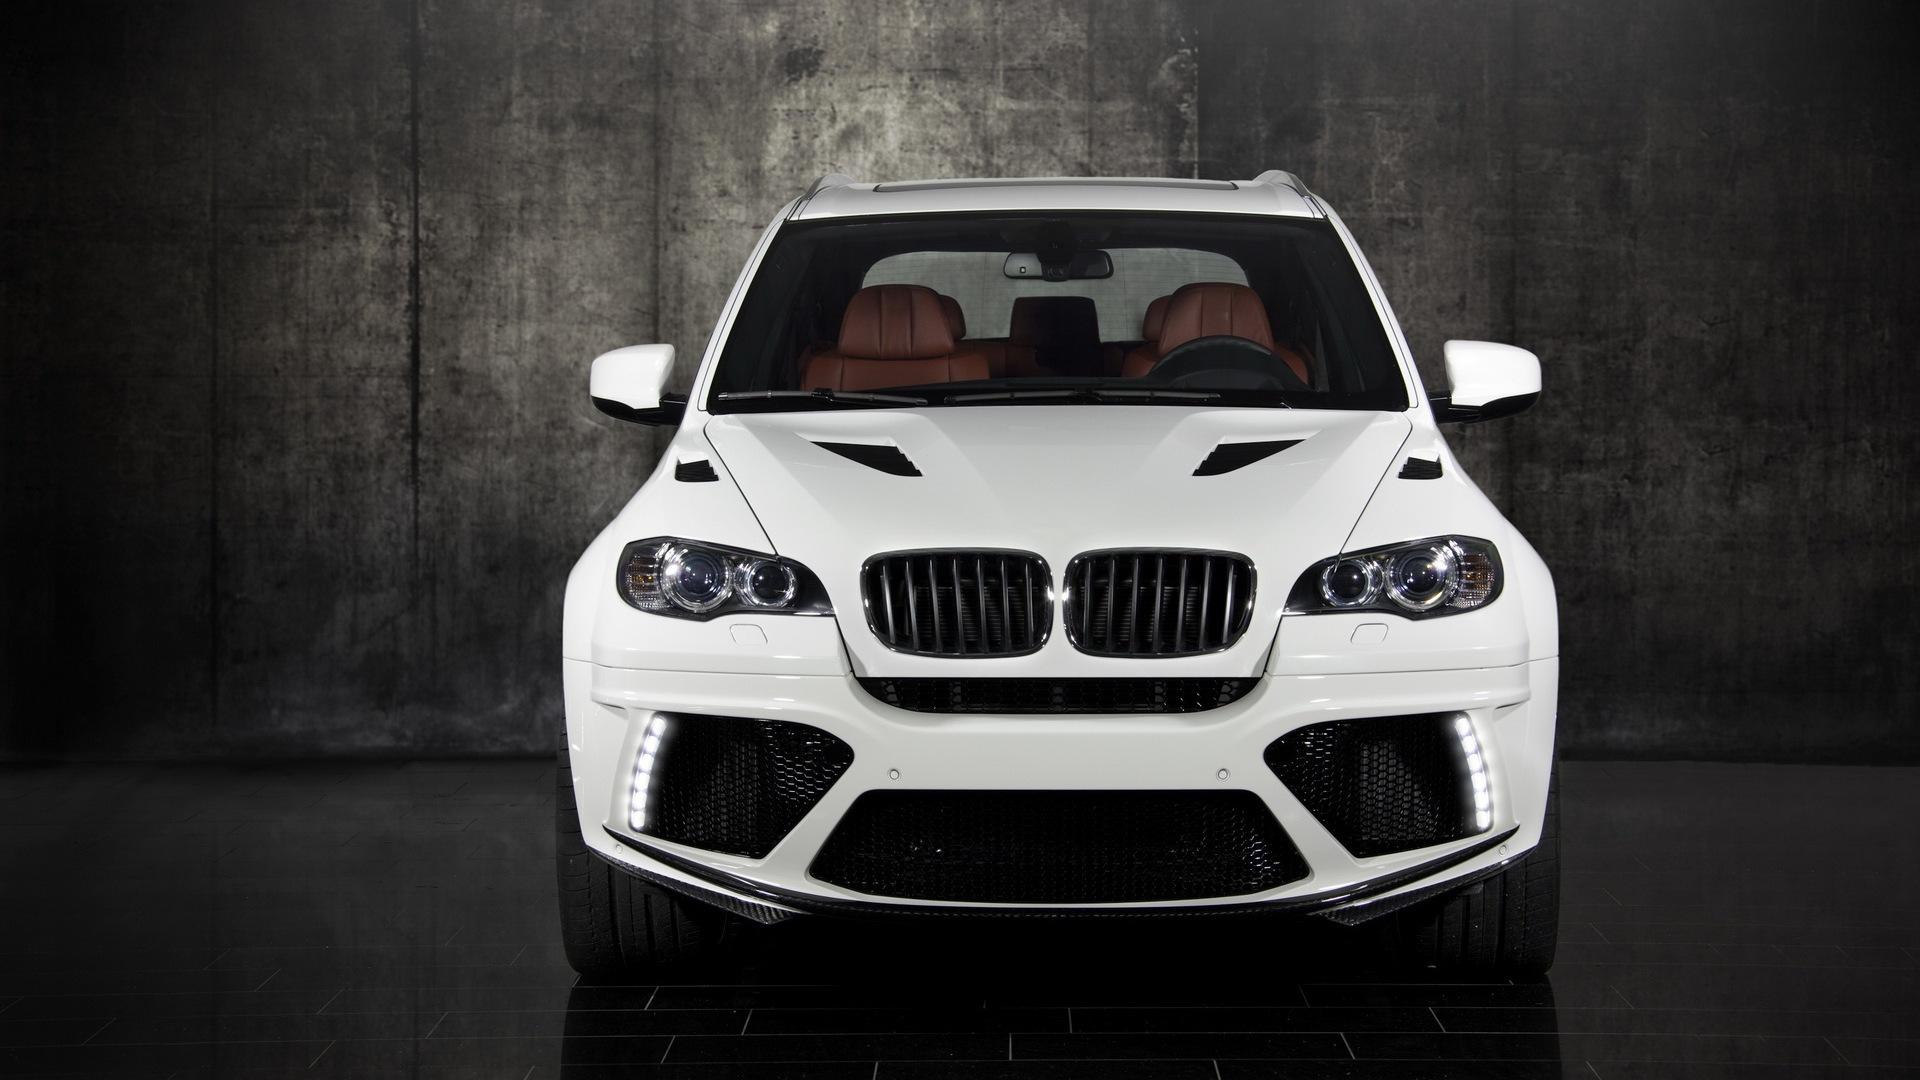 BMW X5 Tuning HD